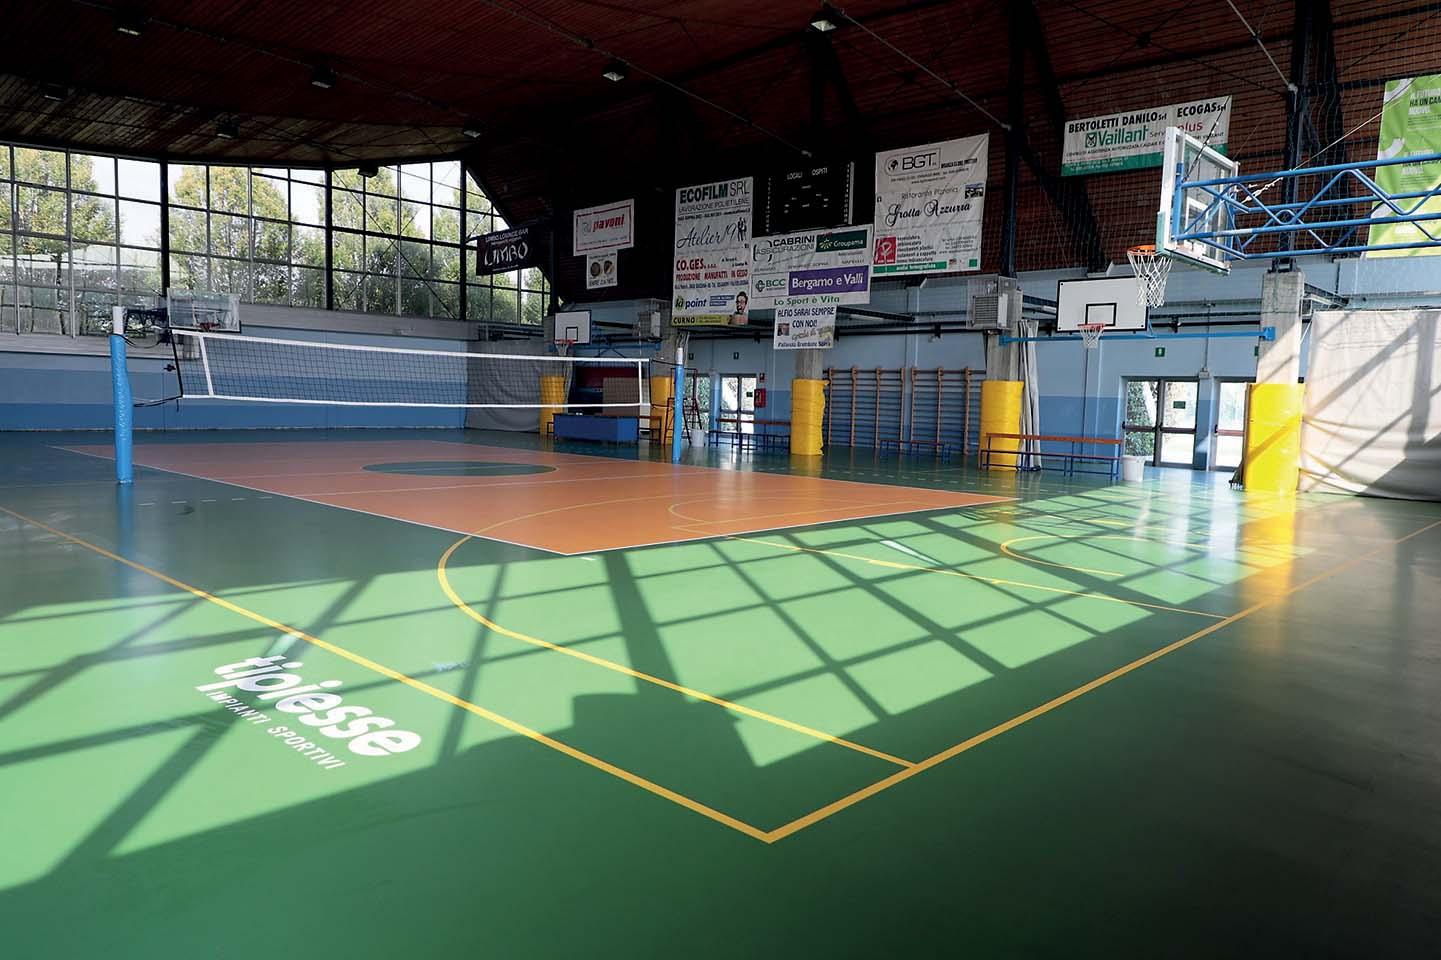 Impiantistica sportiva dalle massime prestazioni e sostenibile: il futuro dello sport è su gomma riciclata